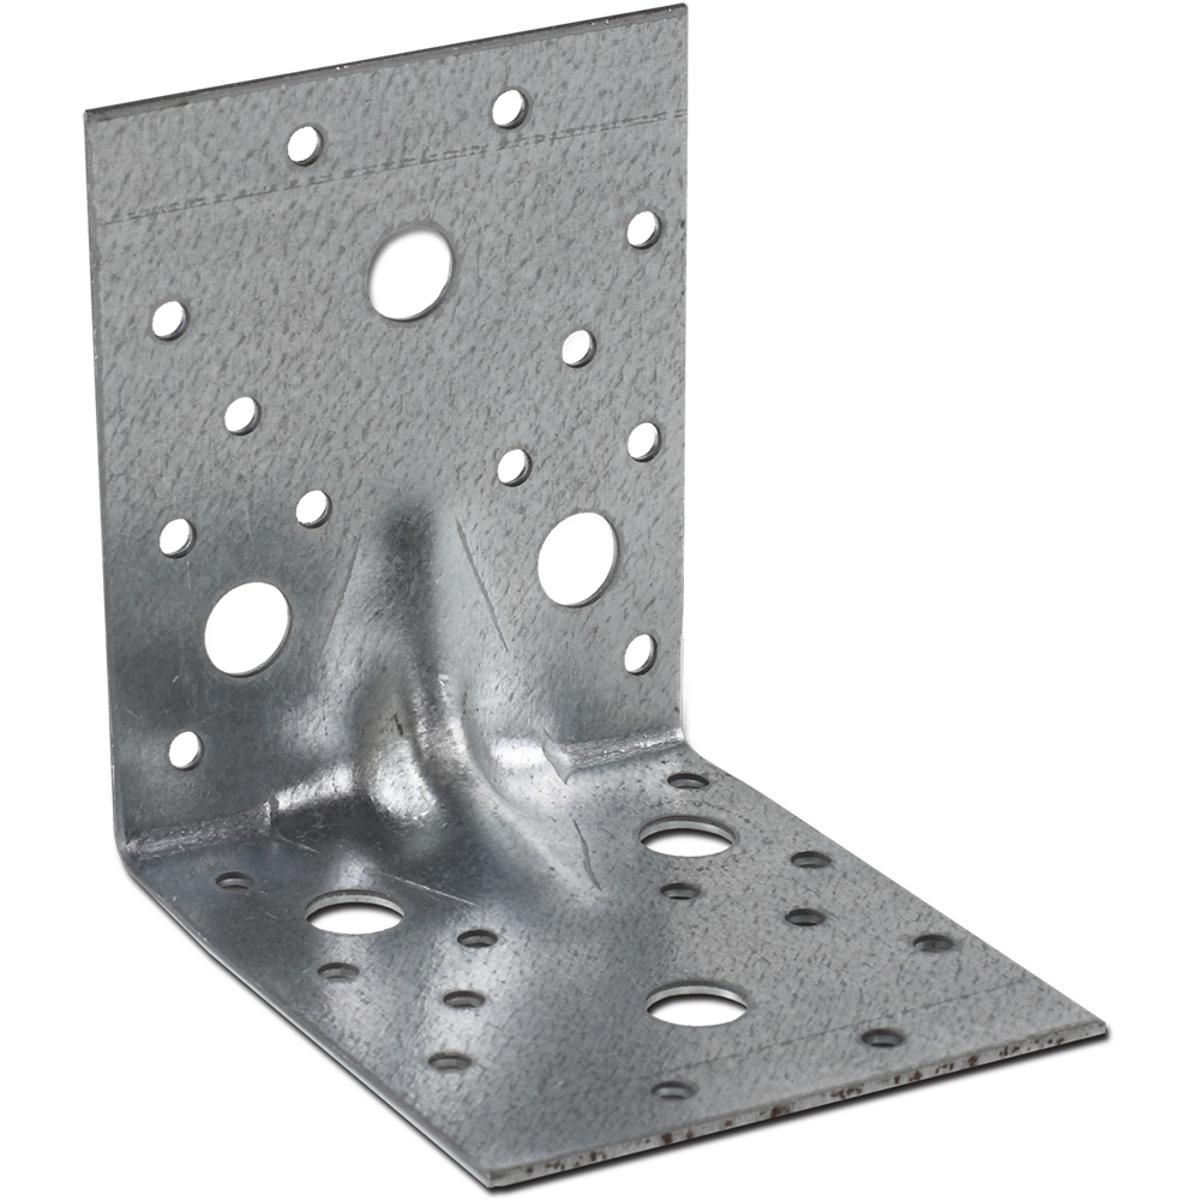 Крепежный уголок Госкрепеж, усиленный, 130 х 130 х 100 мм, 4 штКР.090824Уголок усиленный — крепежный уголок с штампованным ребром на сгибе. Уголок усиленный применяется в коттеджном домостроении, в монтажных и общестроительных работах. Уголок имеет одно ребро жесткости. Уголок усиленный ребром жесткости надежен при организации кровельных, фасадных и прочих стропильных систем. Уголок имеет отверстия под саморезы и болты, диаметром пять и тринадцать миллиметров соответственно.